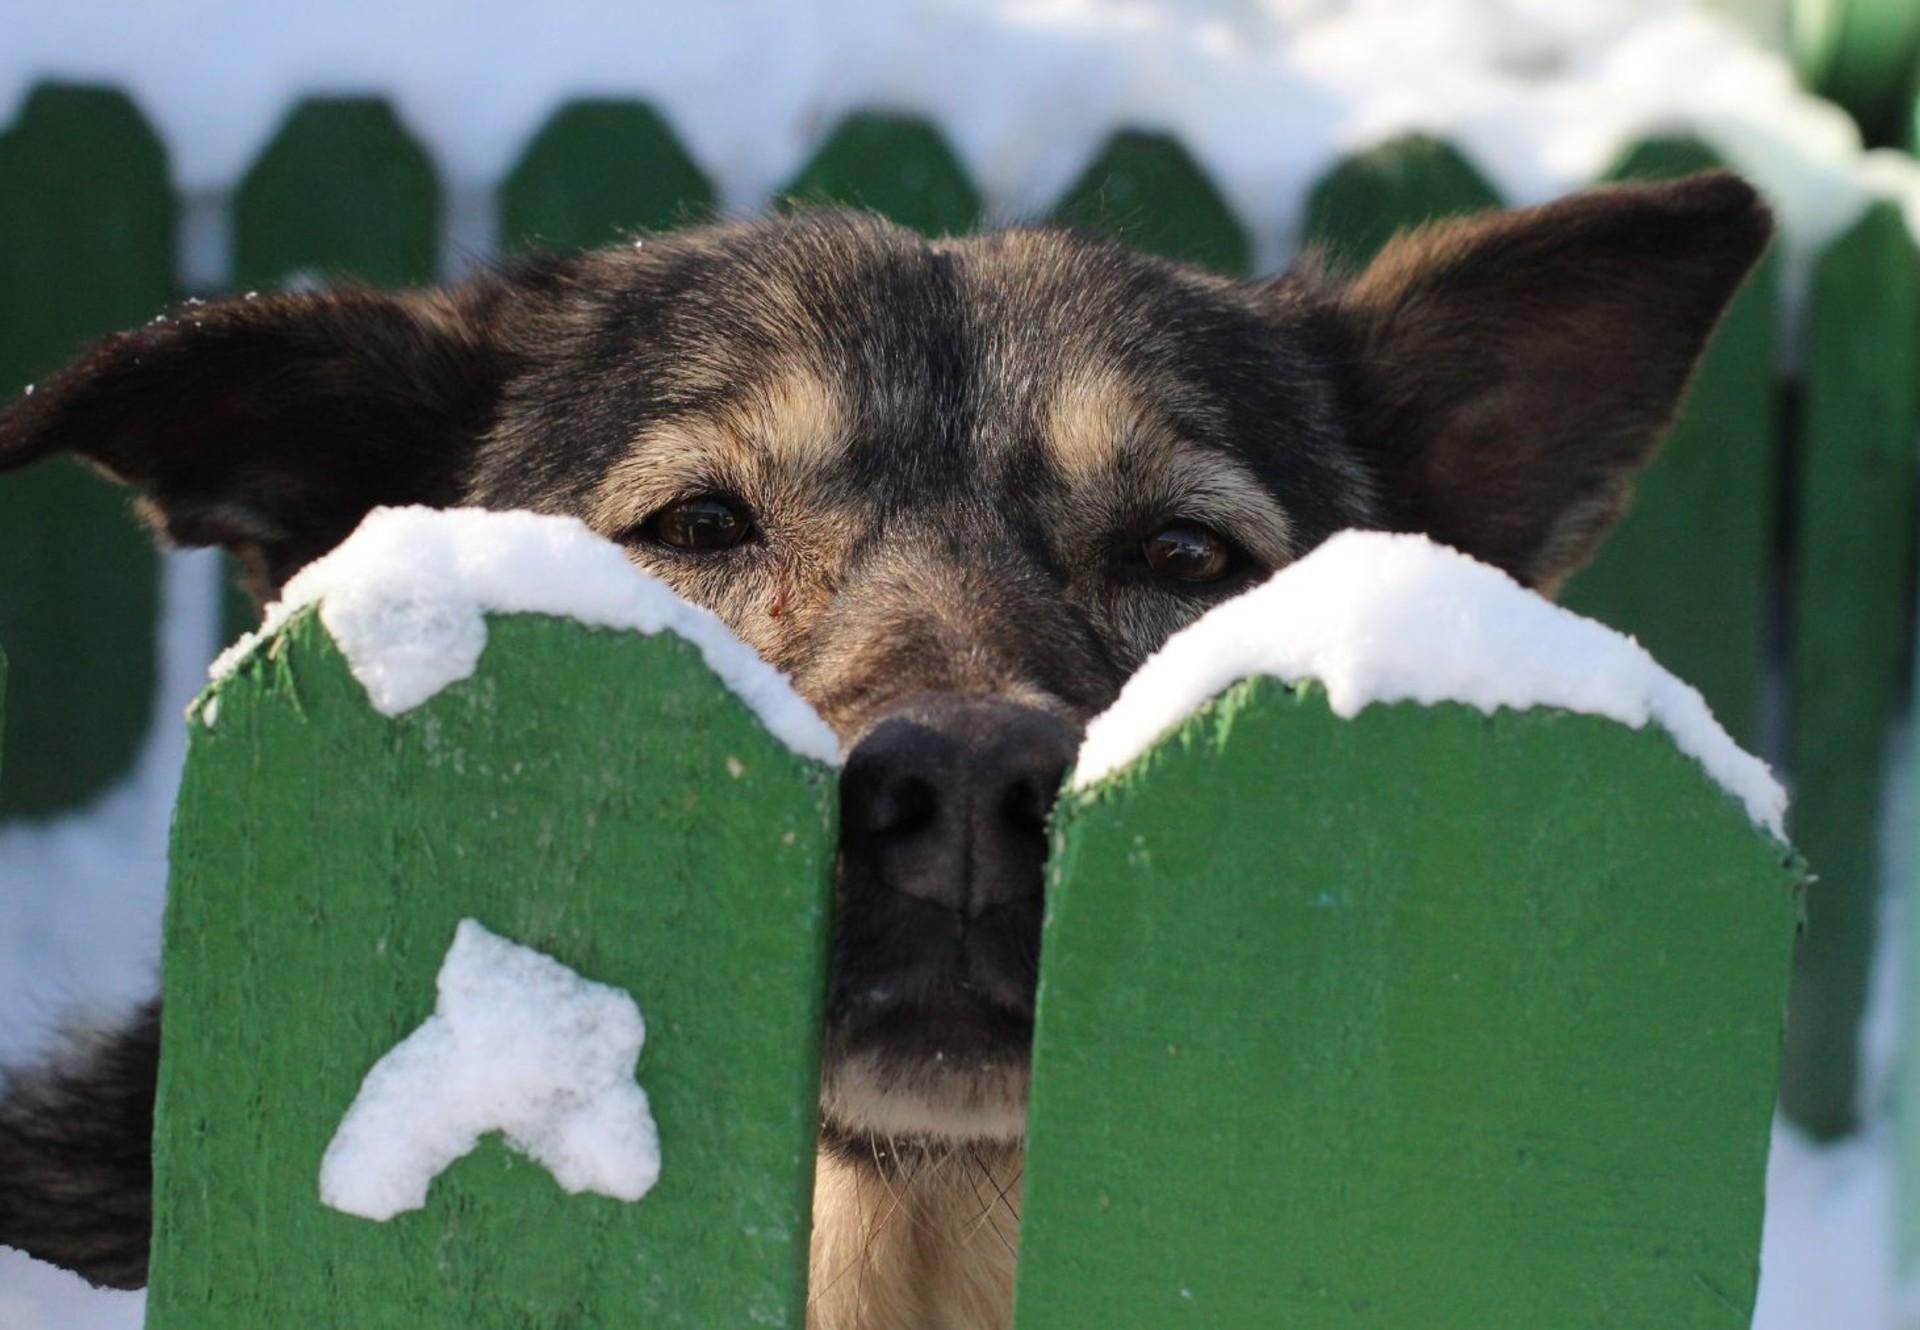 Hund schaut hinter dem verschneiten Gartenzaun hervor